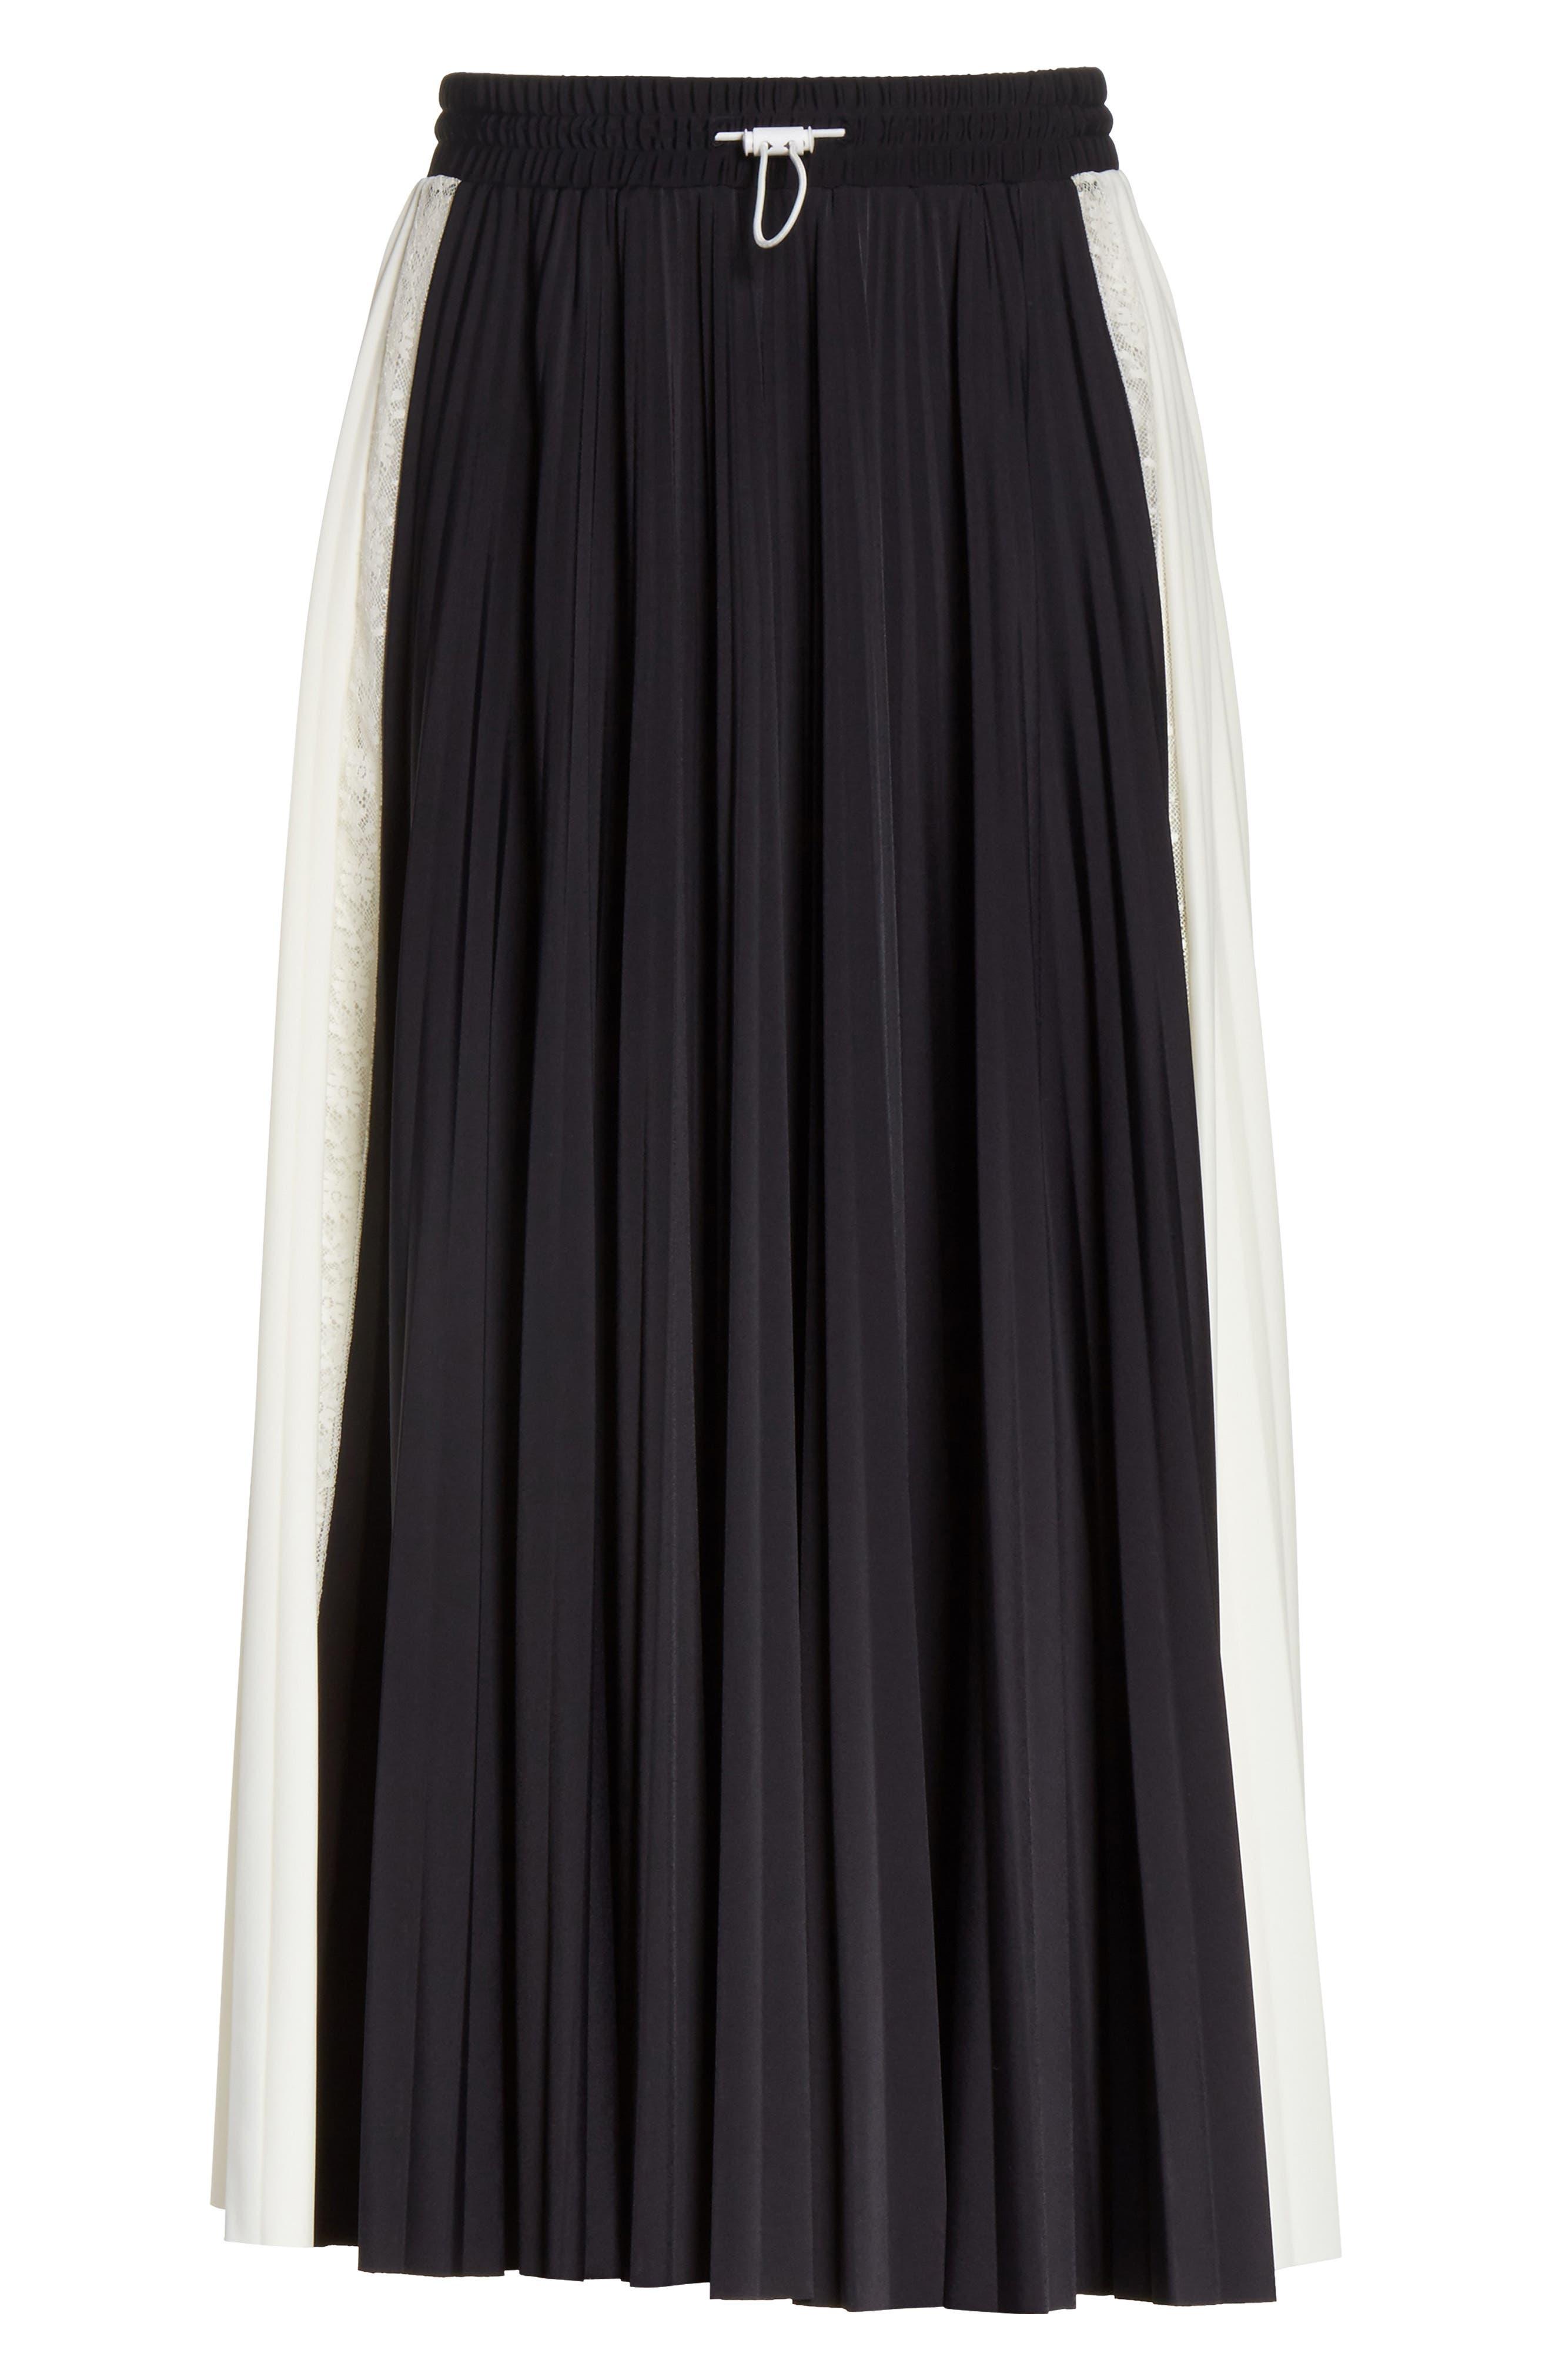 Bicolor Jersey & Lace Plissé Skirt,                             Alternate thumbnail 6, color,                             001